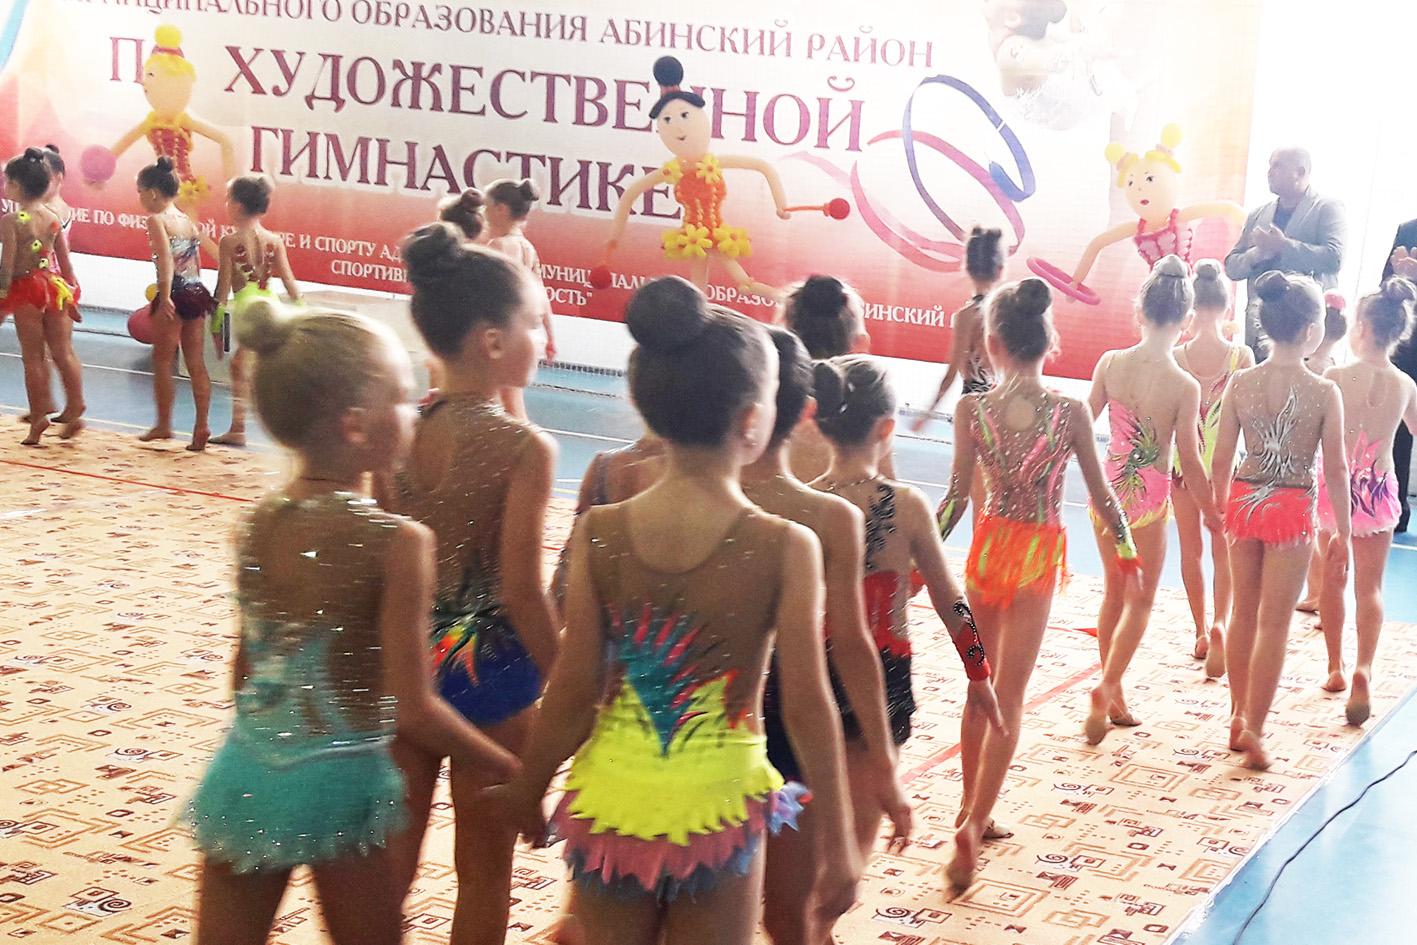 13 абинских гимнасток заняли призовые места